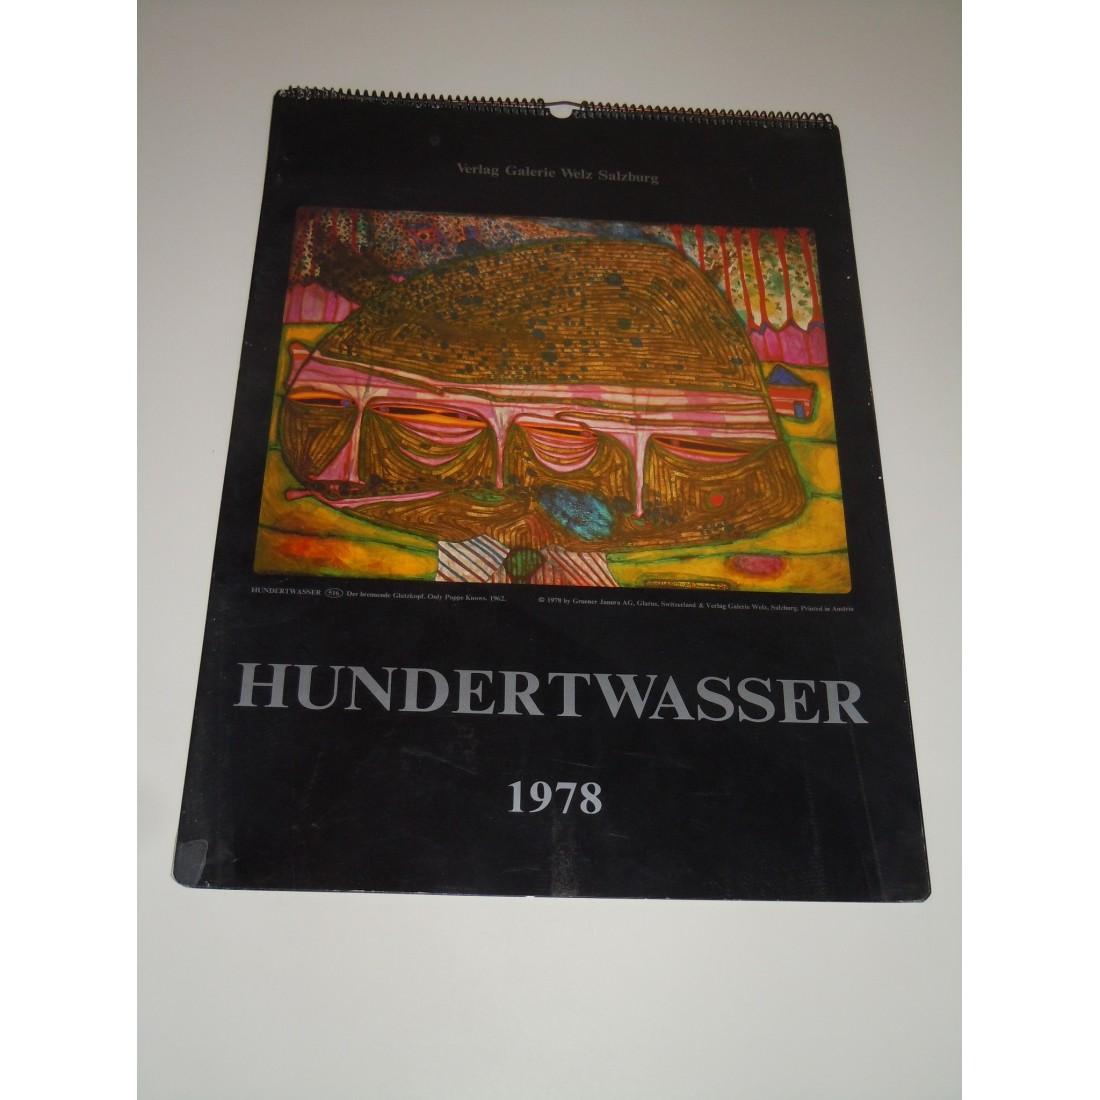 Calendario 1978.Calendario 1978 Del Pittore Hundertwasser Verlag Galleria Welz Gmbh